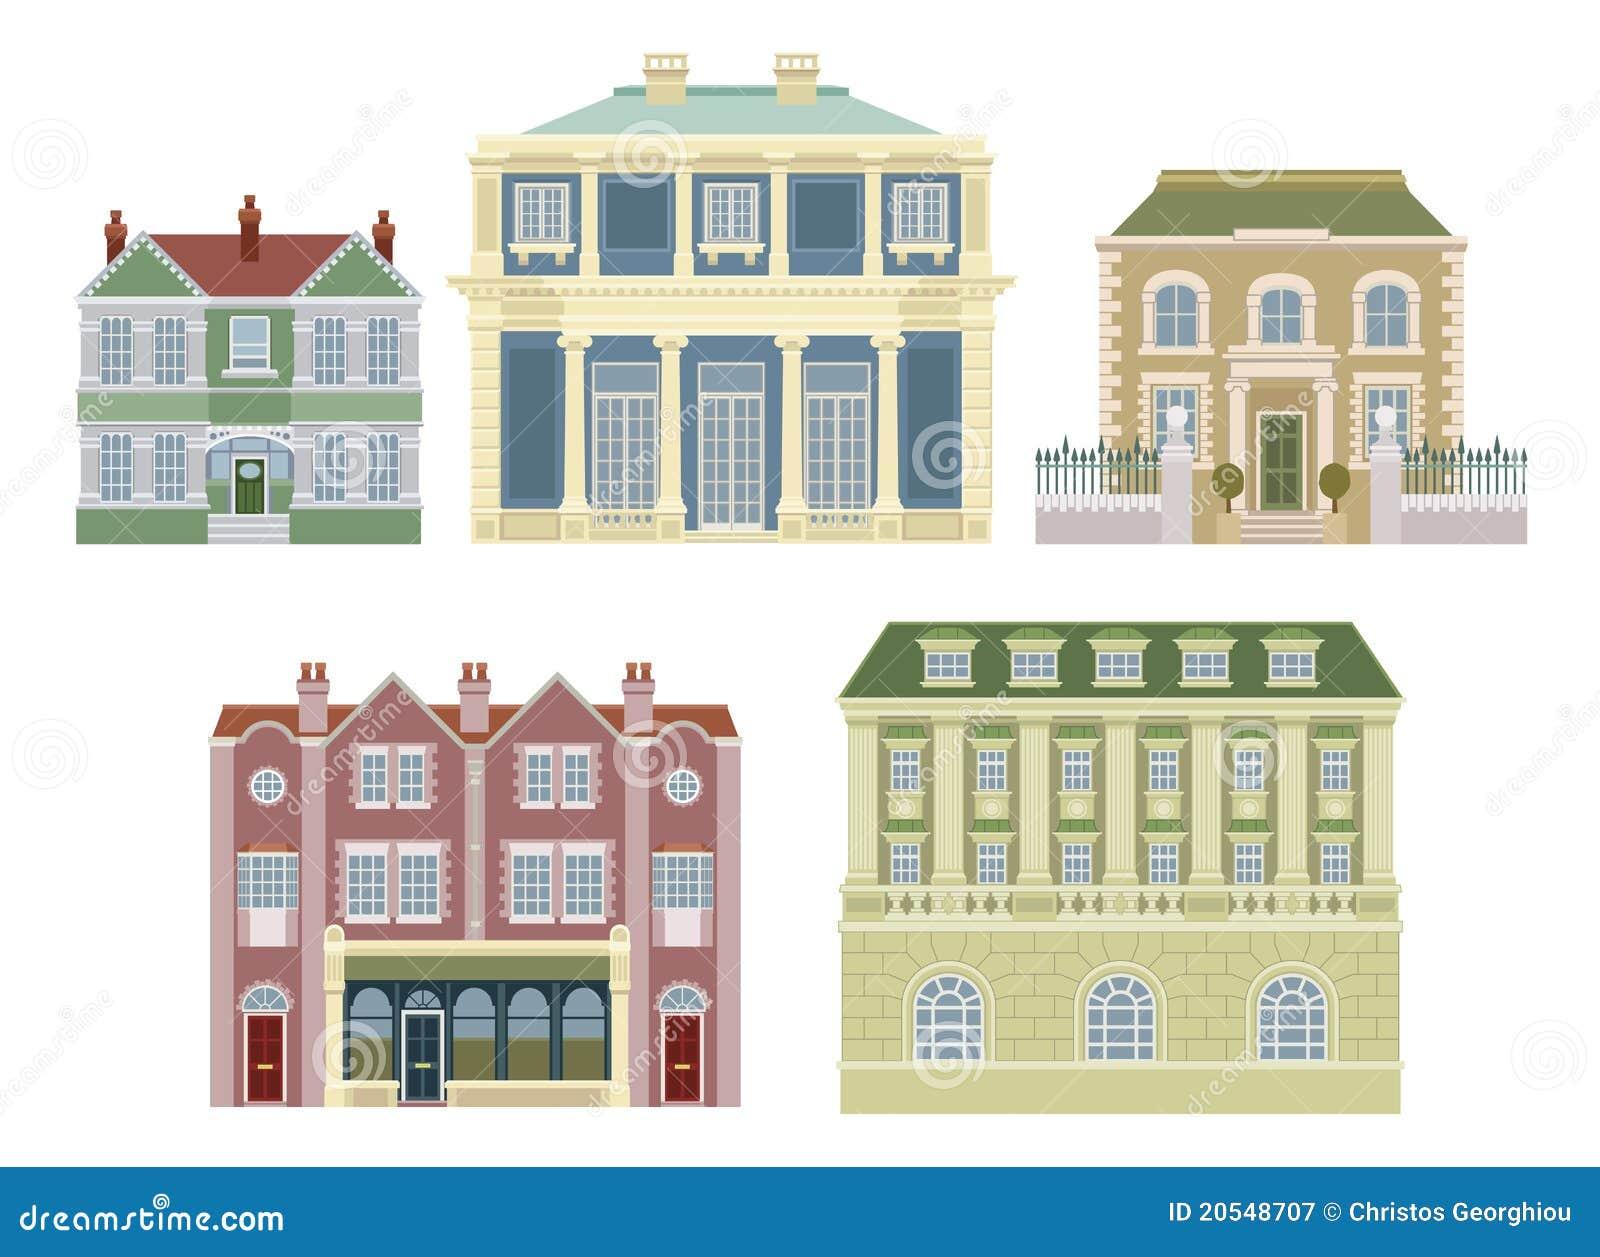 Construcciones de viviendas pasadas de moda de lujo